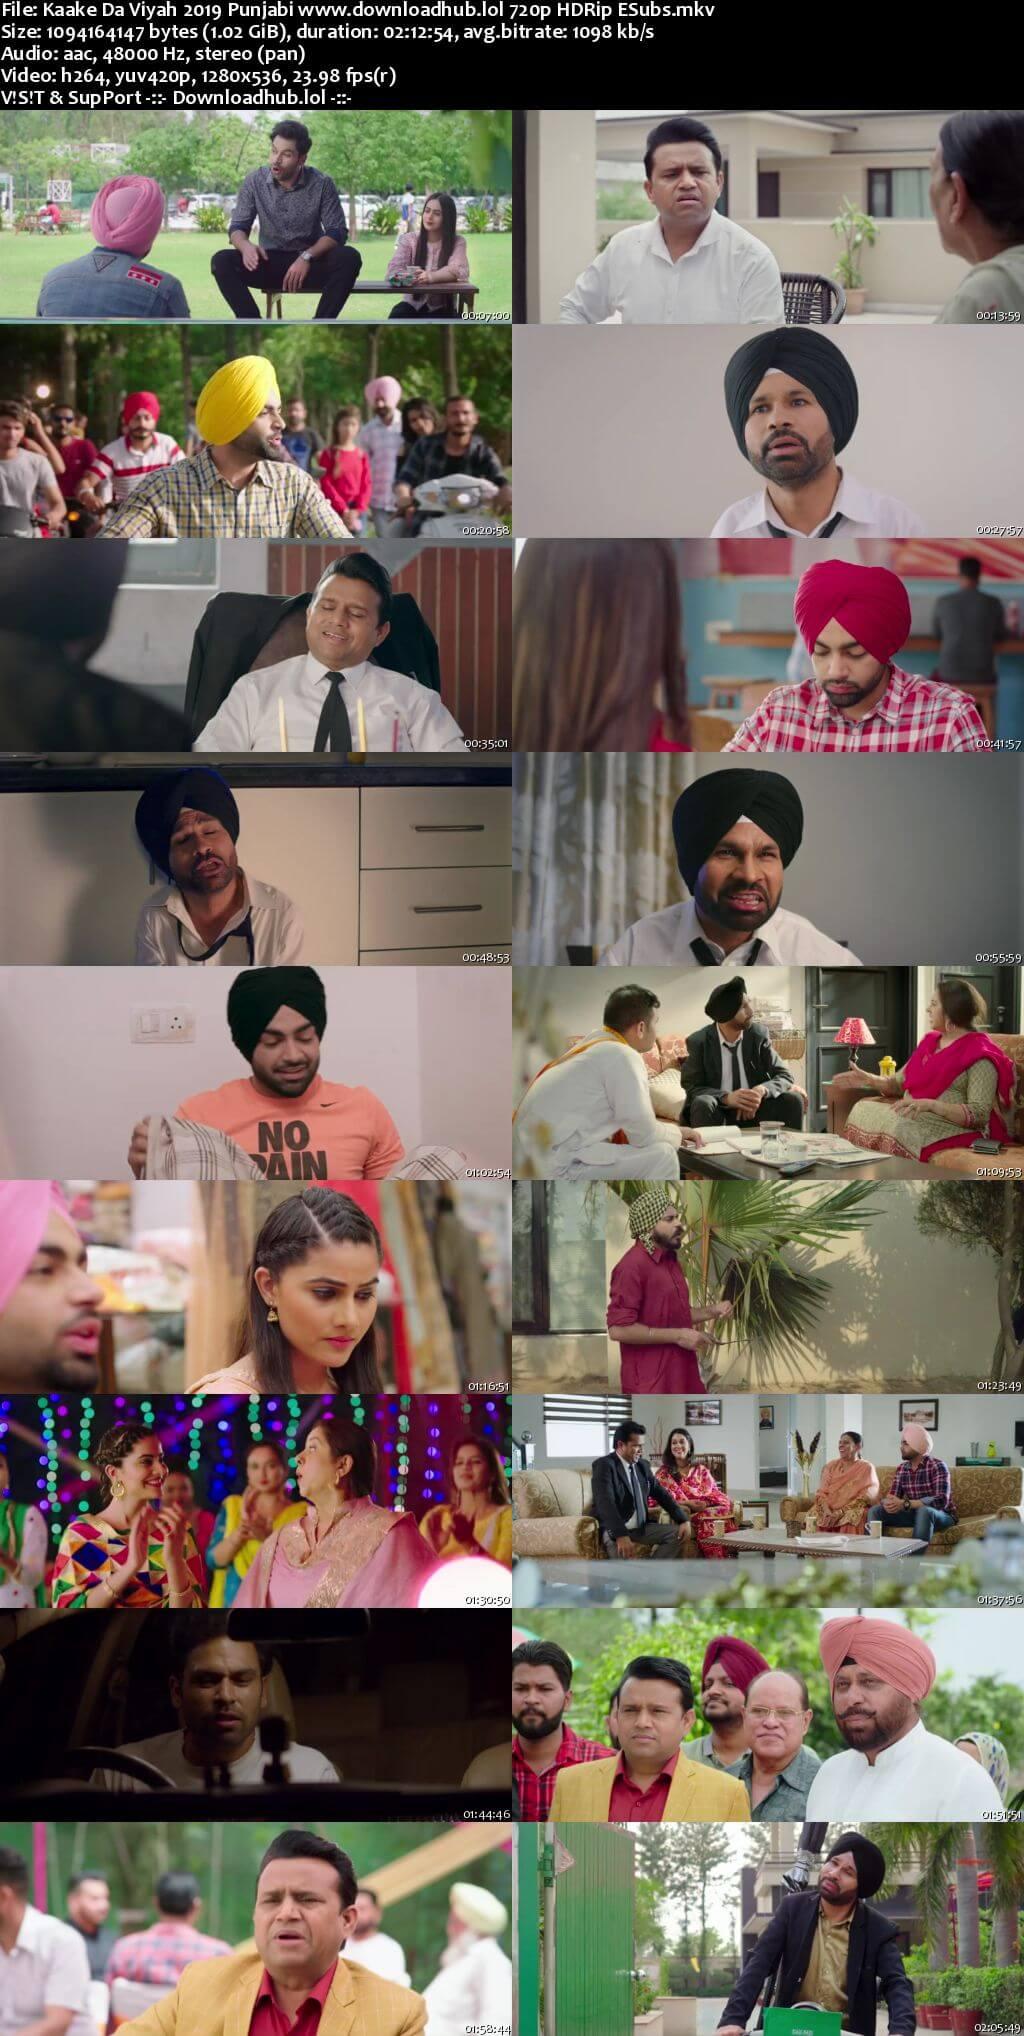 Kaake Da Viyah 2019 Punjabi 720p HDRip ESubs